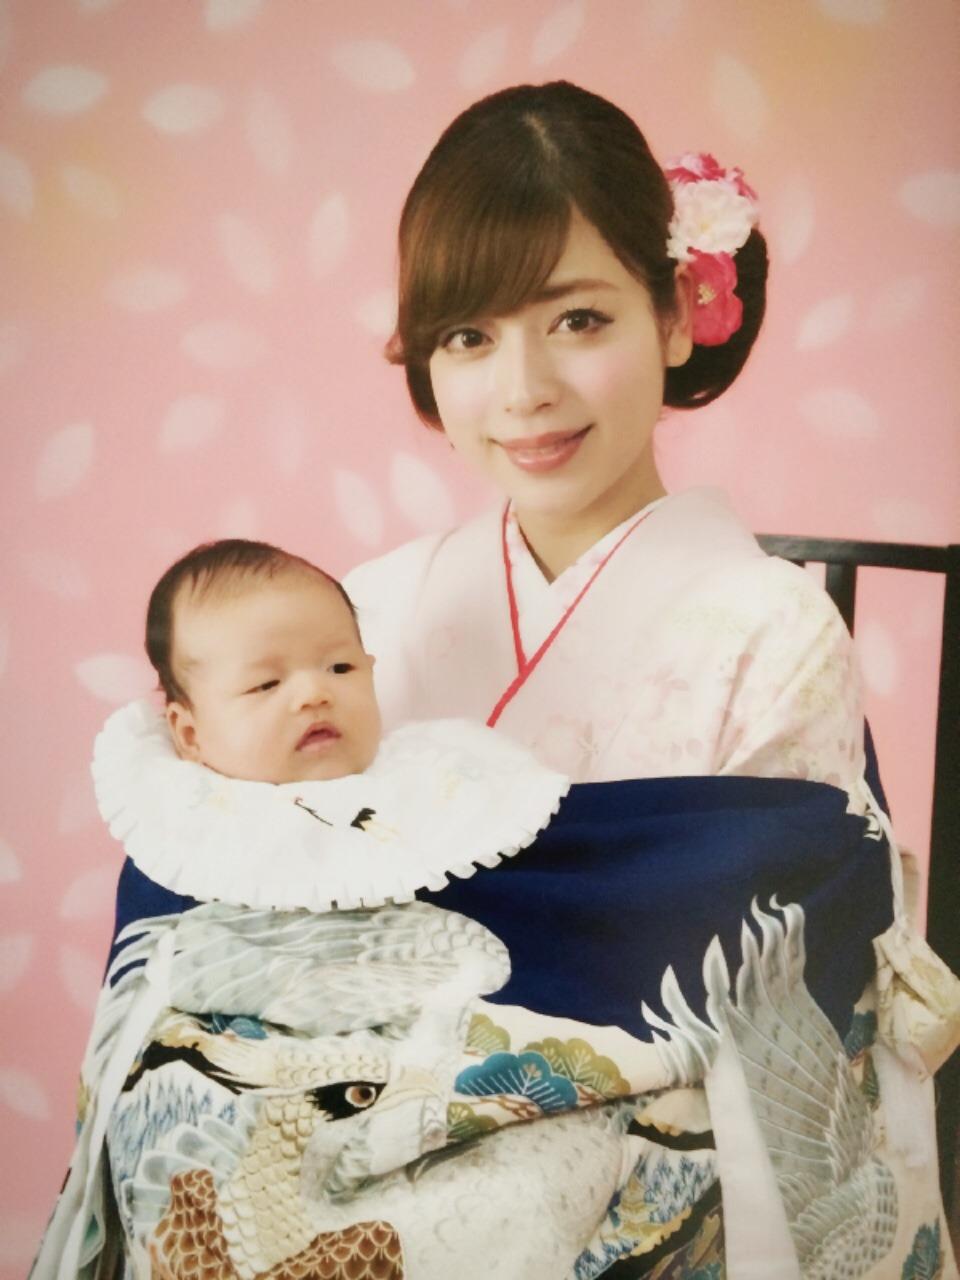 秋冬お詣り写真 母の服装 ピンクの訪問着の着物 髪アップ